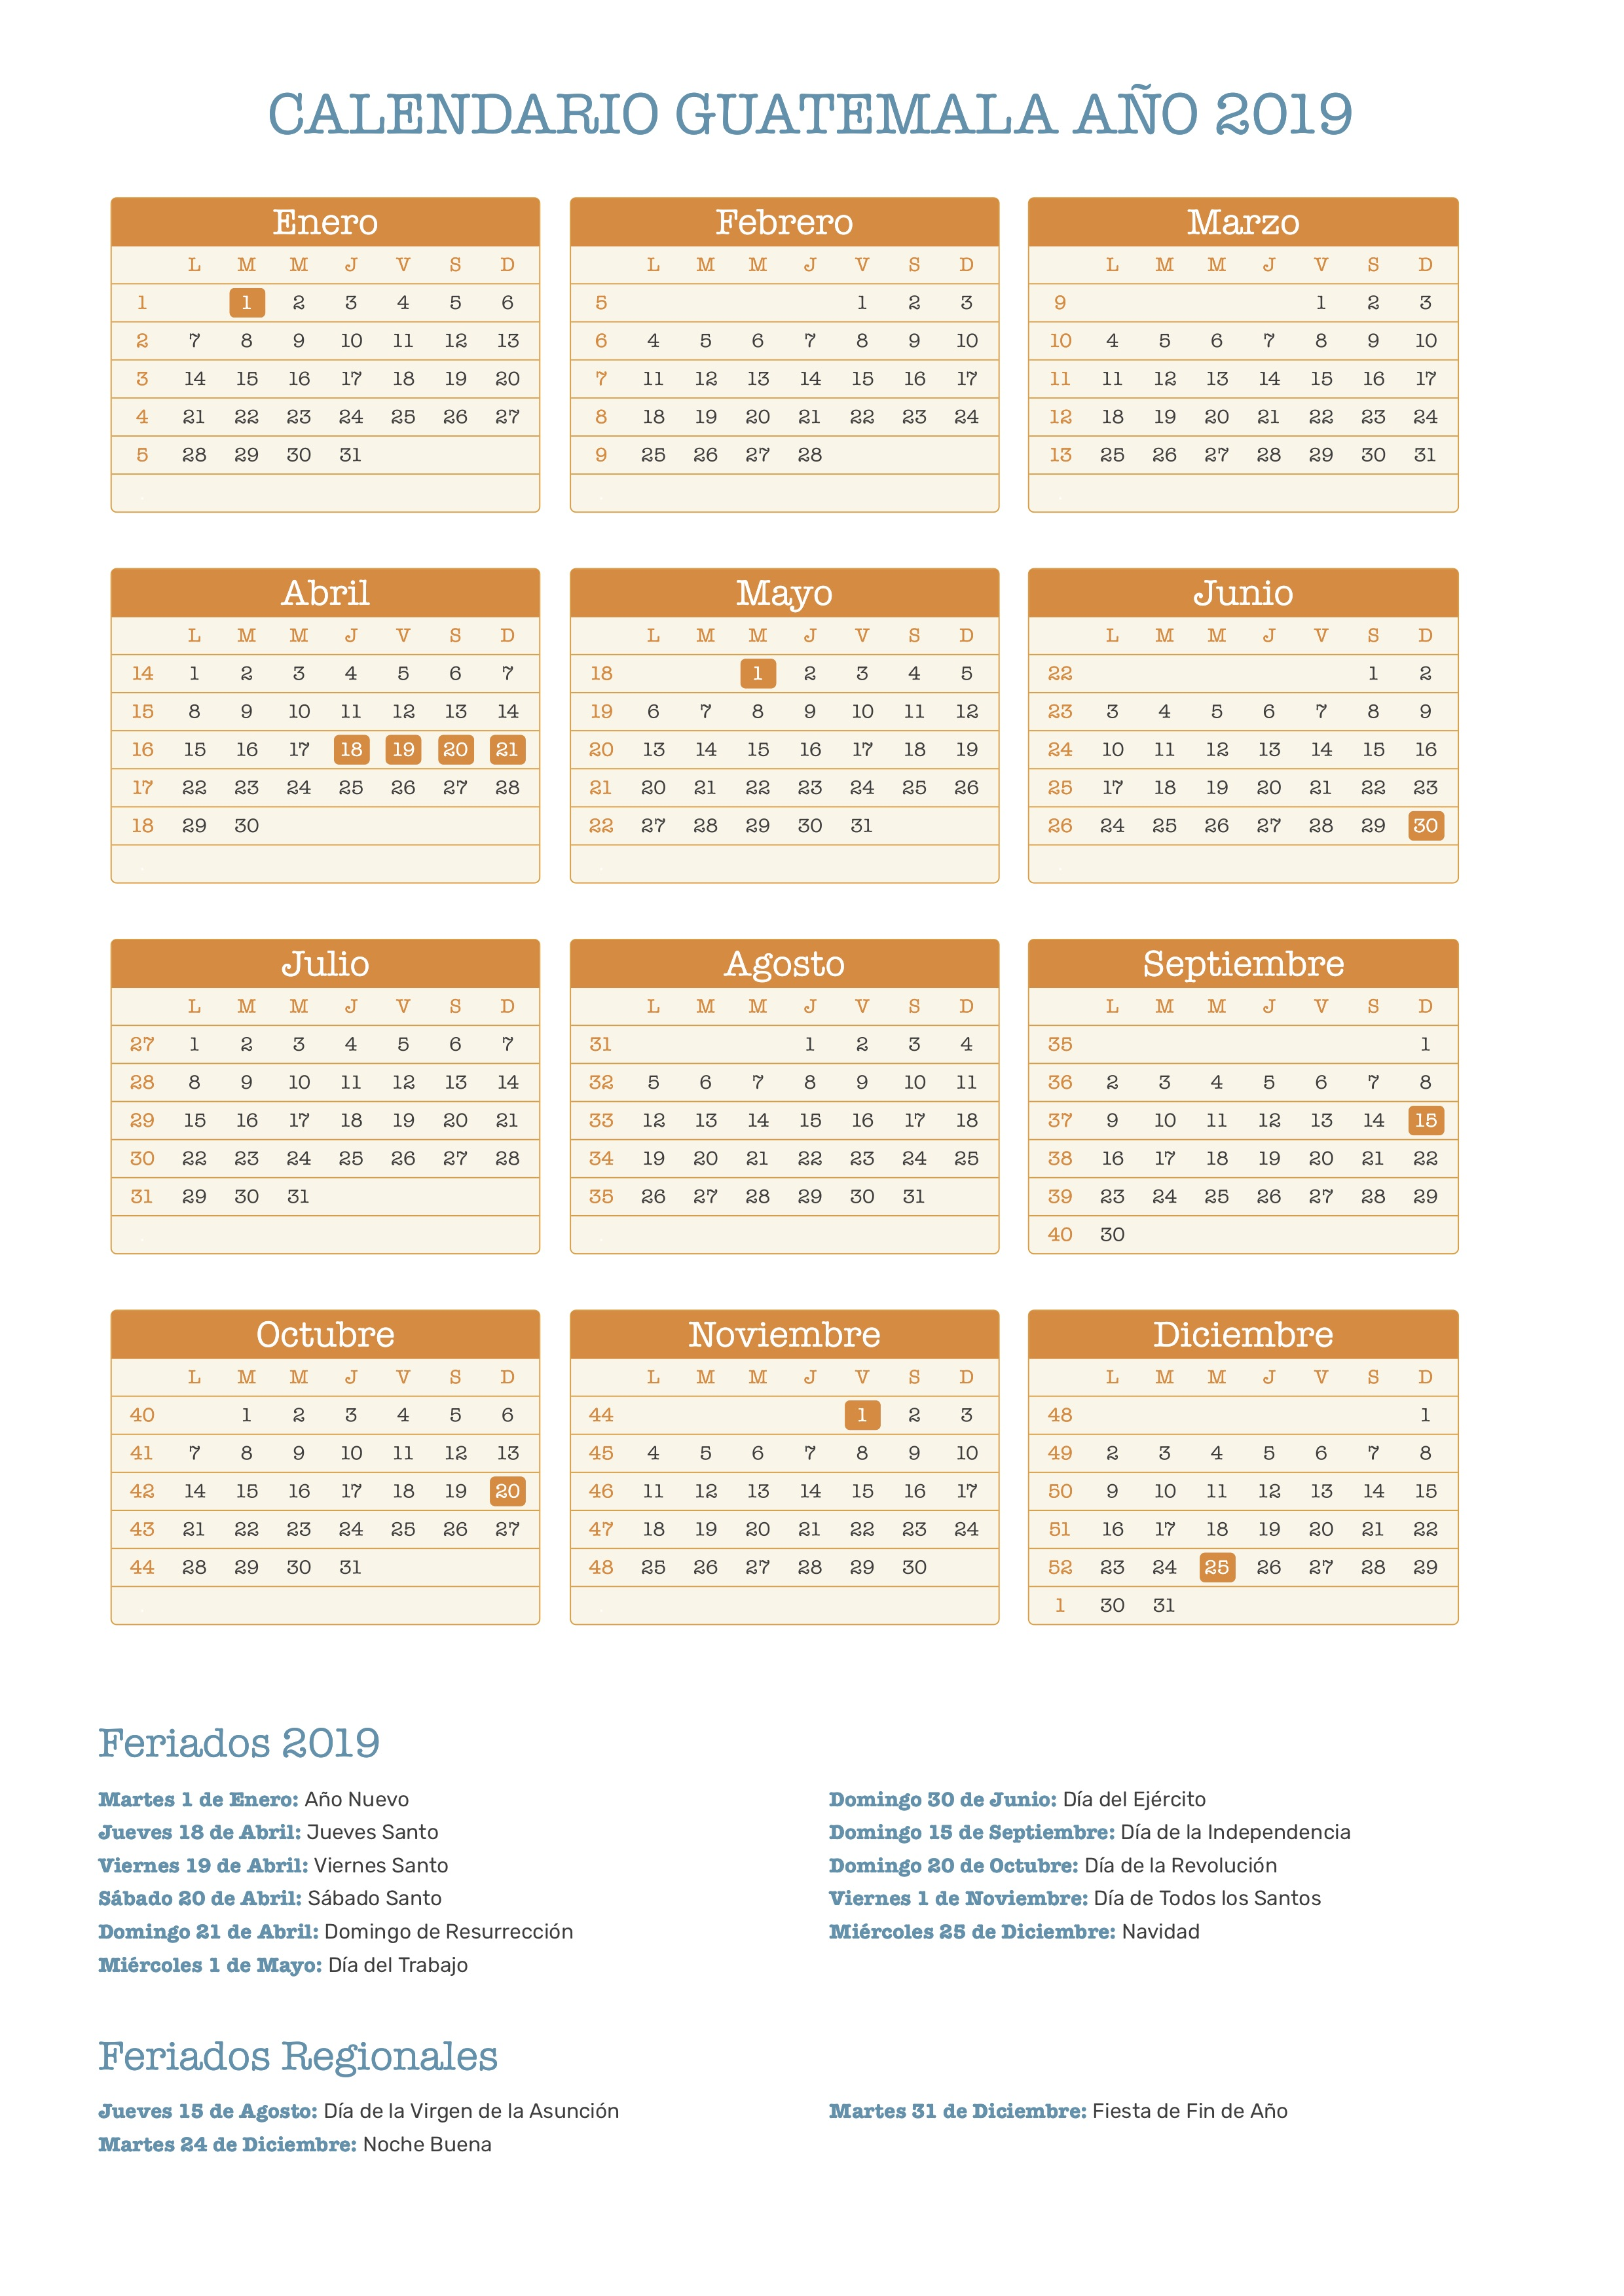 Calendario 2019 Para Colorear.Calendario De Guatemala Ano 2019 Feriados